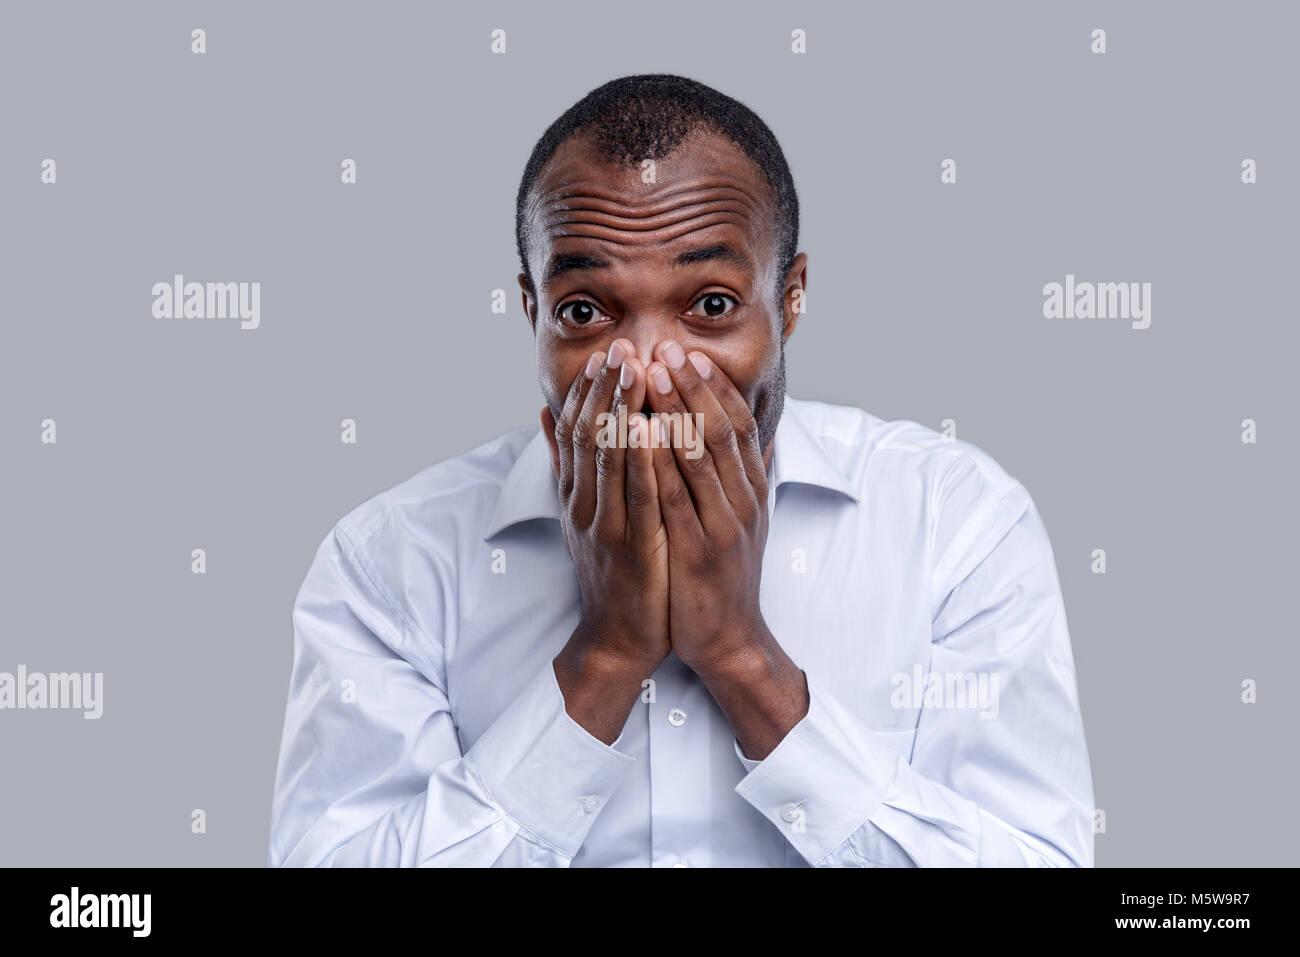 Surpris l'homme afro-américain de fermer sa bouche Photo Stock